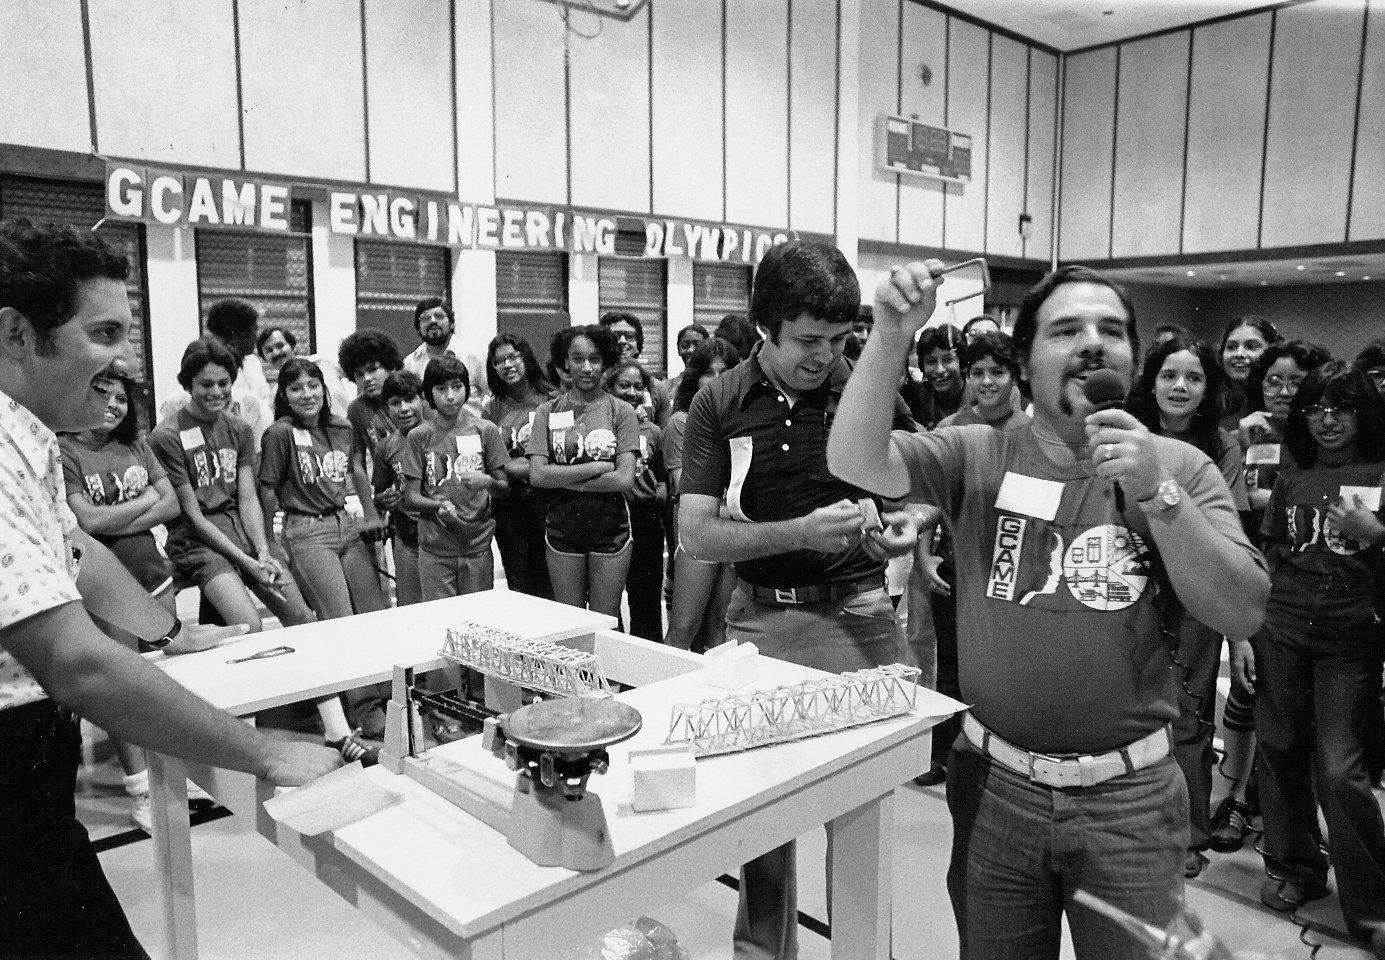 gctame engineering olympics 1980s